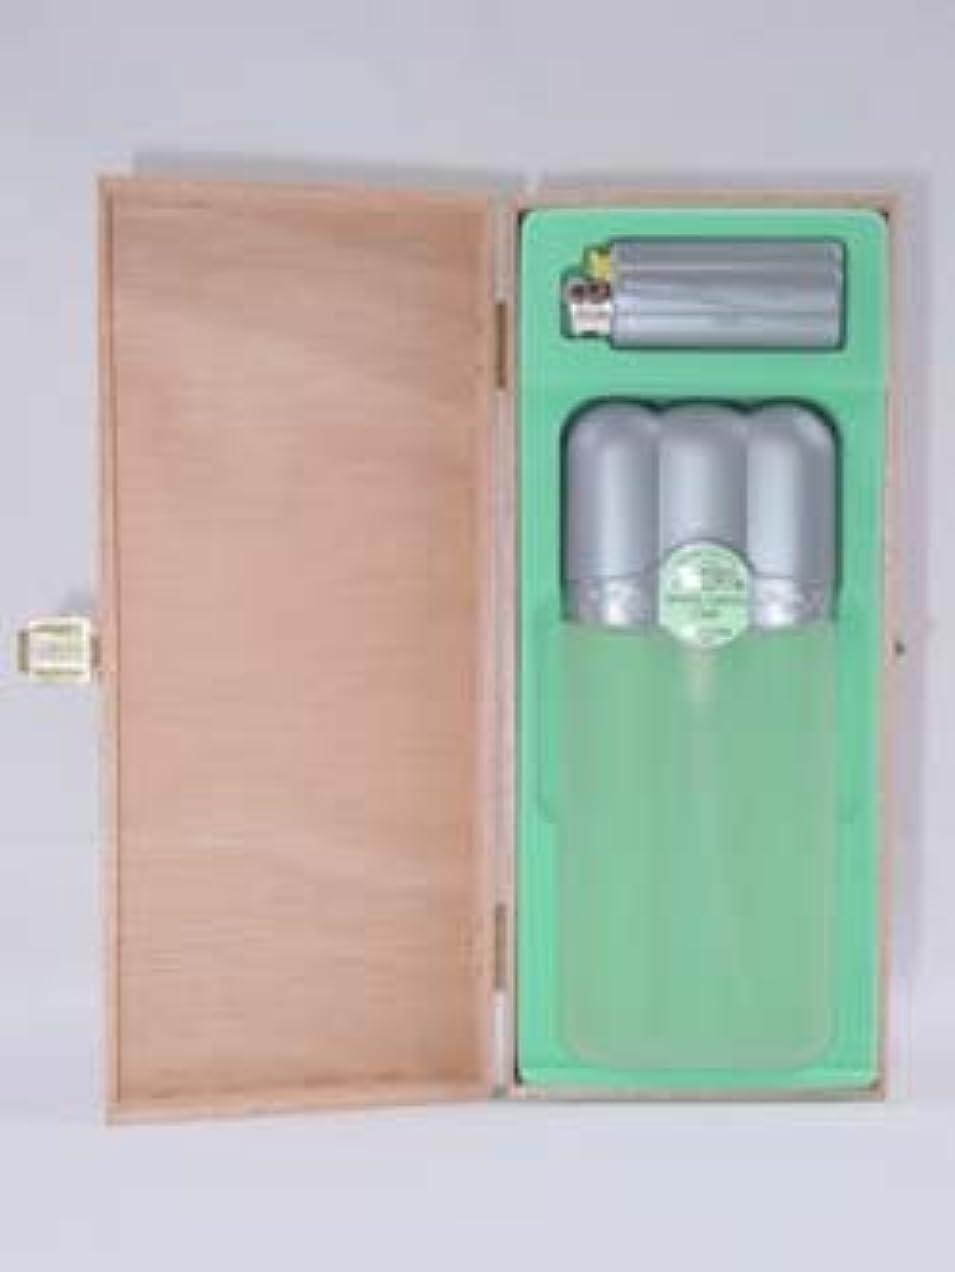 ストローエスカレーター自治的Monte Cristo Club (モンテクリストクラブ) 2.5 oz (75ml) EDP Spray by Franck Olivier for Men